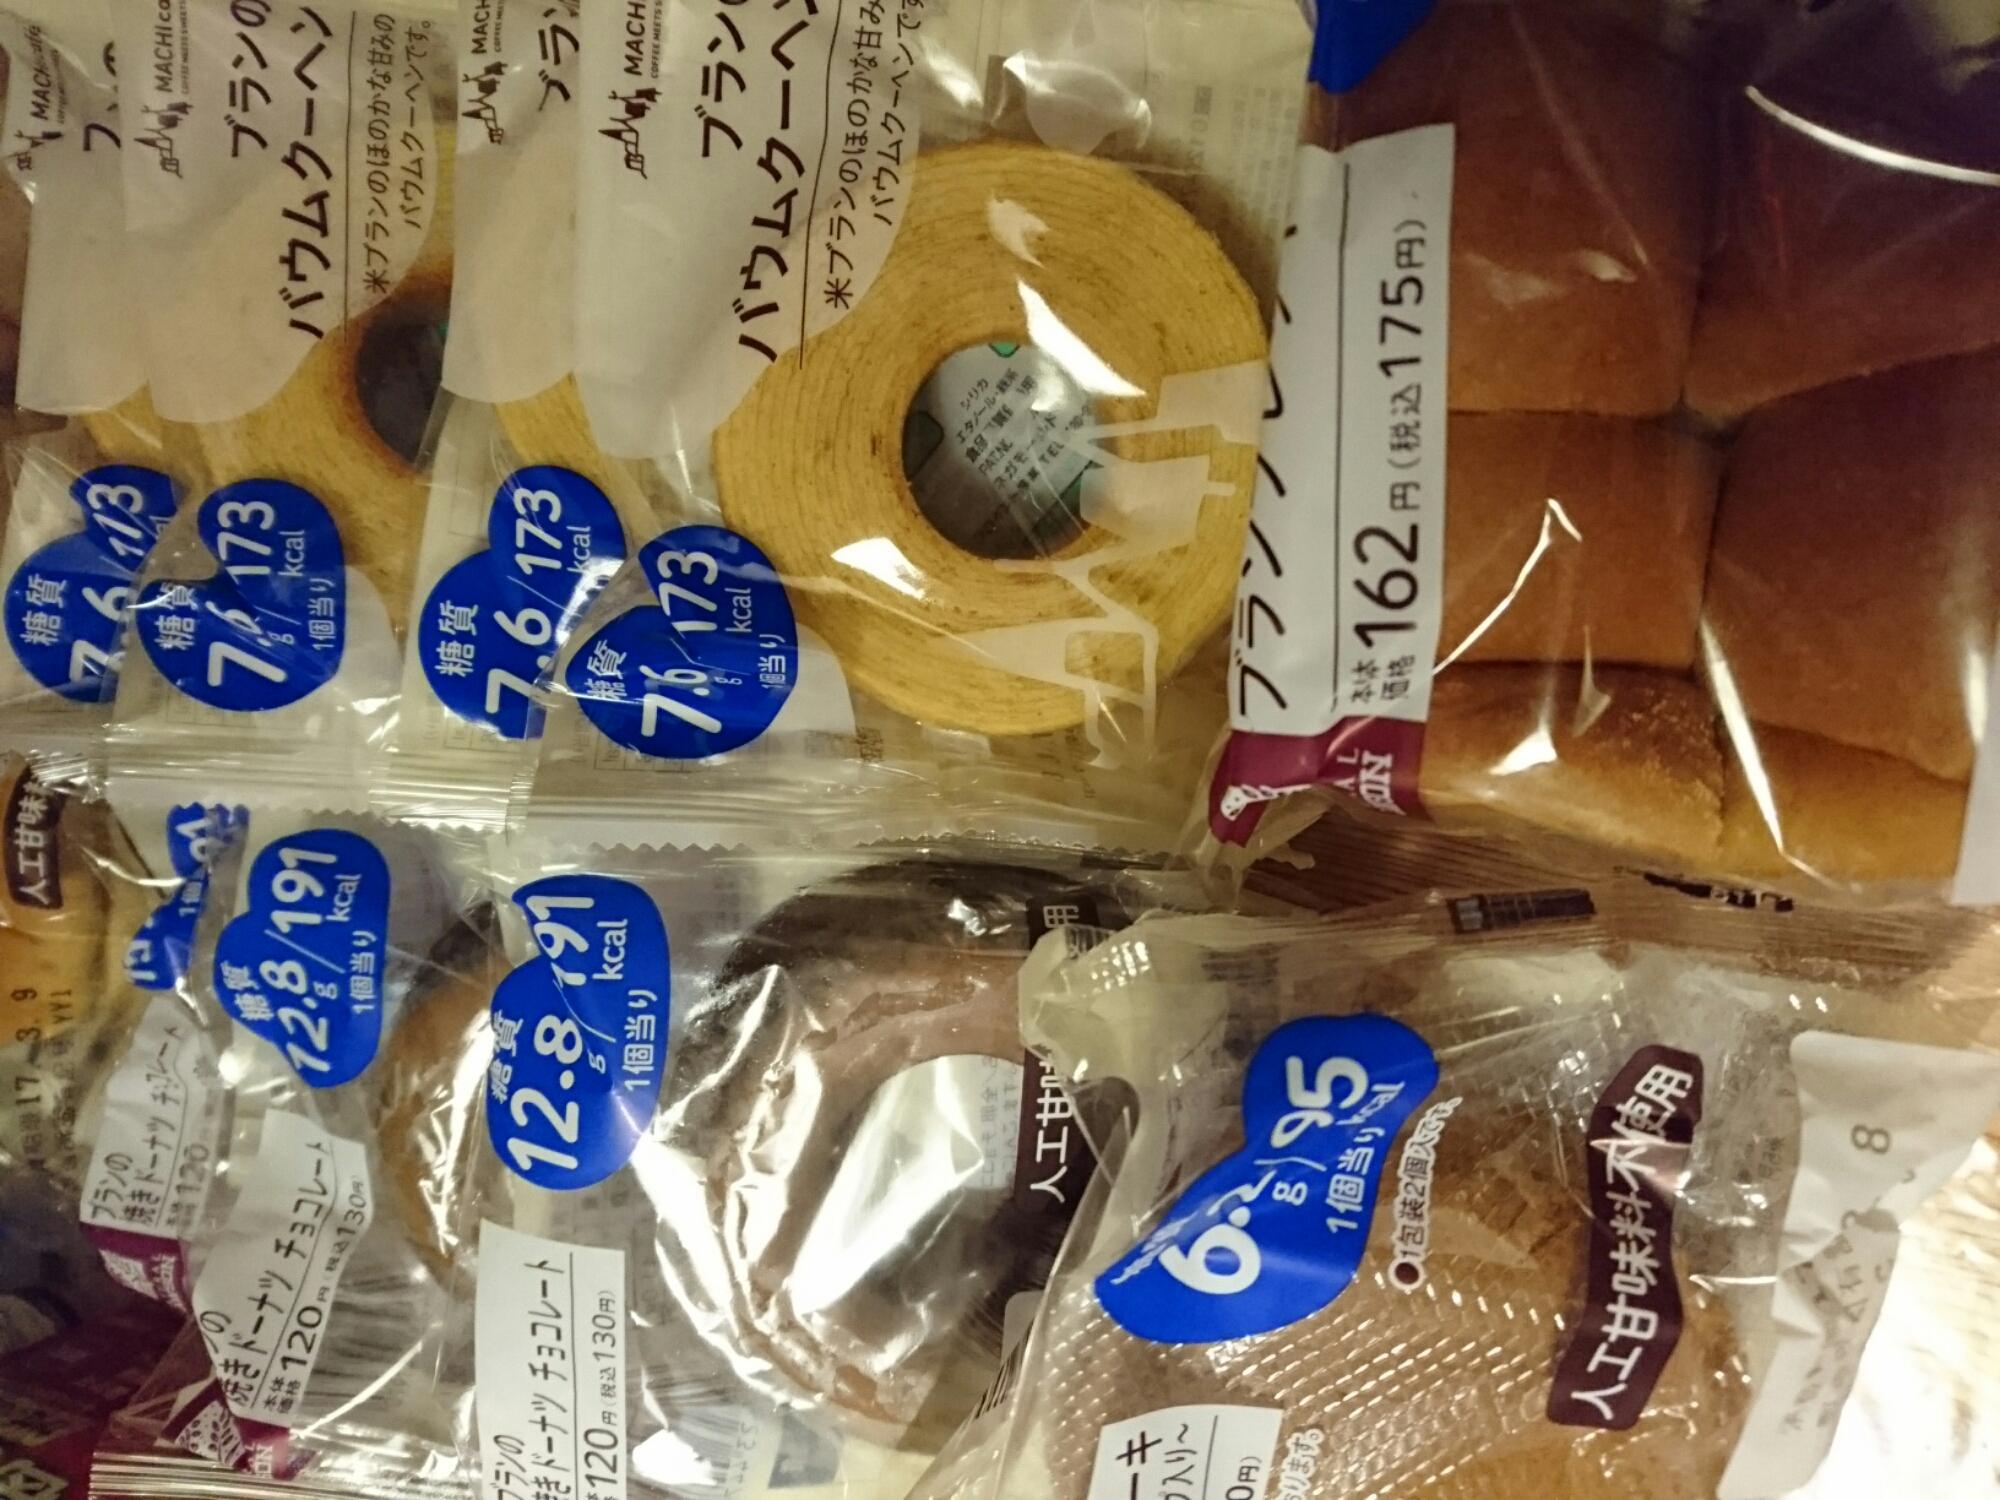 ナチュラルローソン低糖質パン